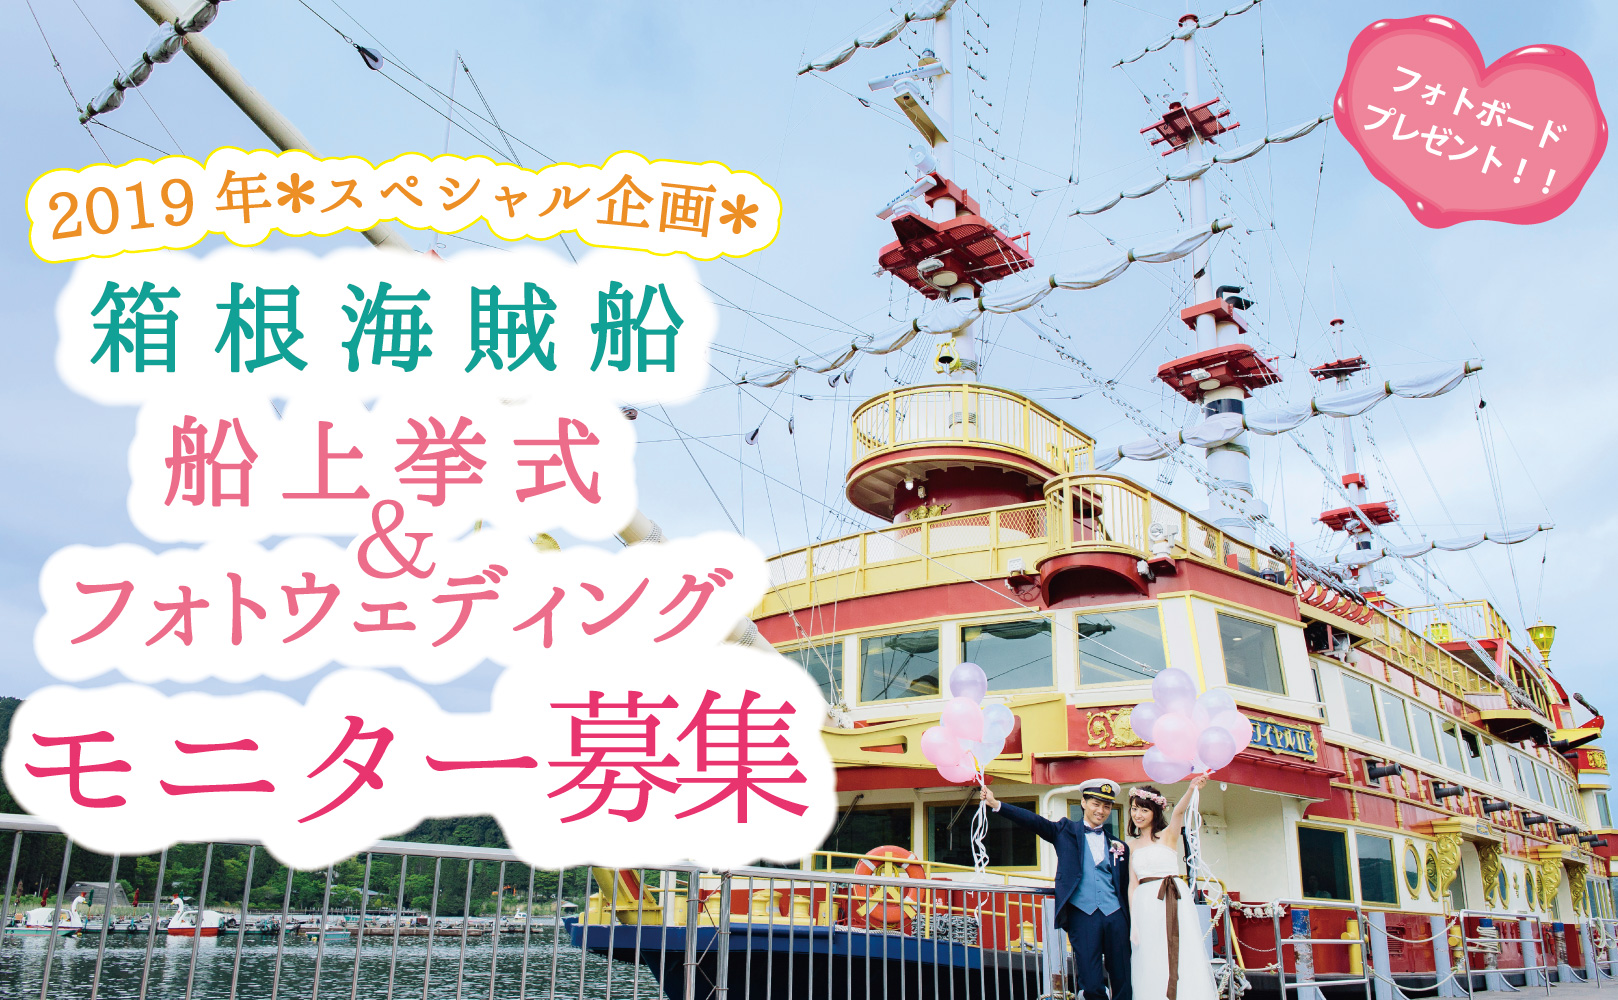 湘南プレミアムWedding <br/> 2019年夢の『スペシャル企画』<br /> 箱根海賊船ウェディング!!